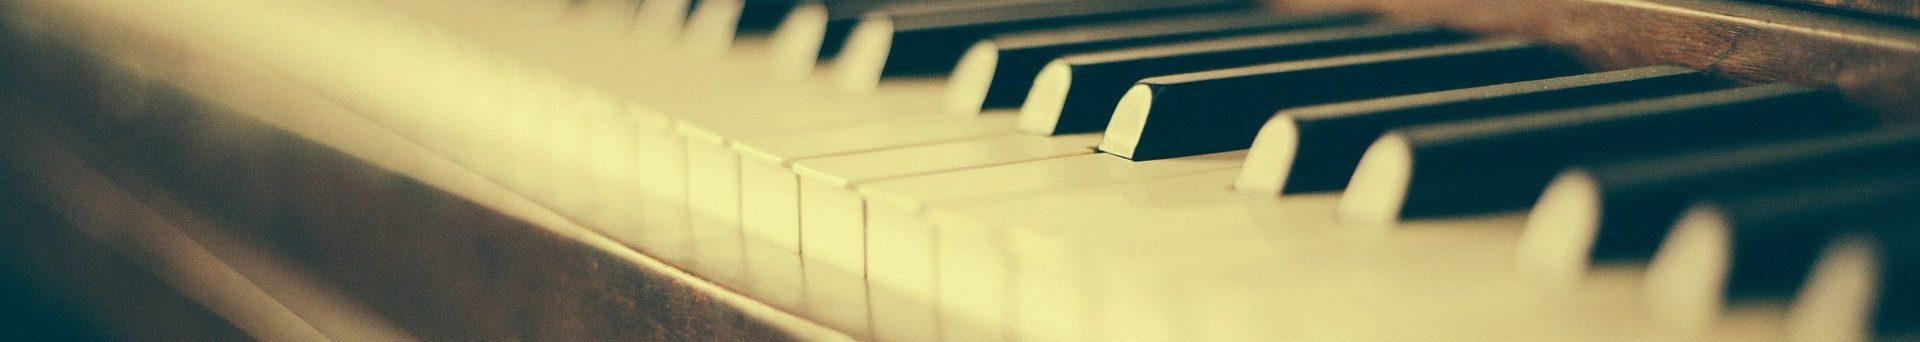 E.M.A - Ecole Musique Aigle